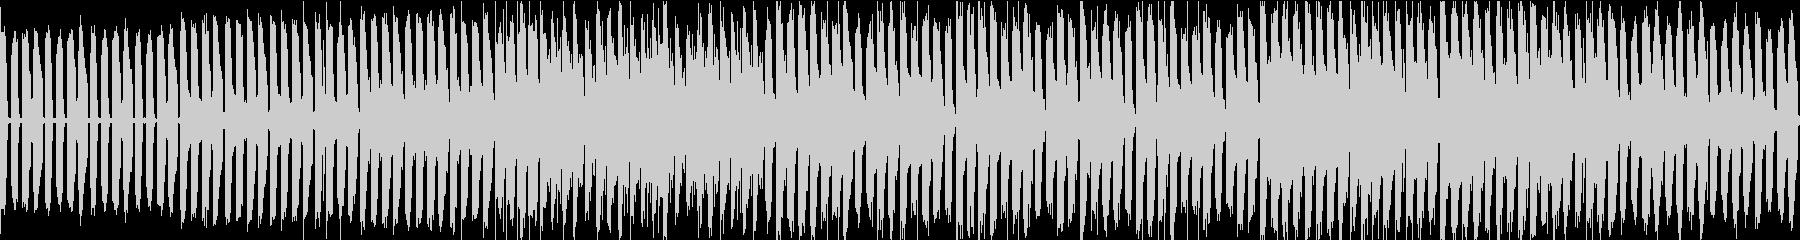 edm風のバトルbgmの未再生の波形